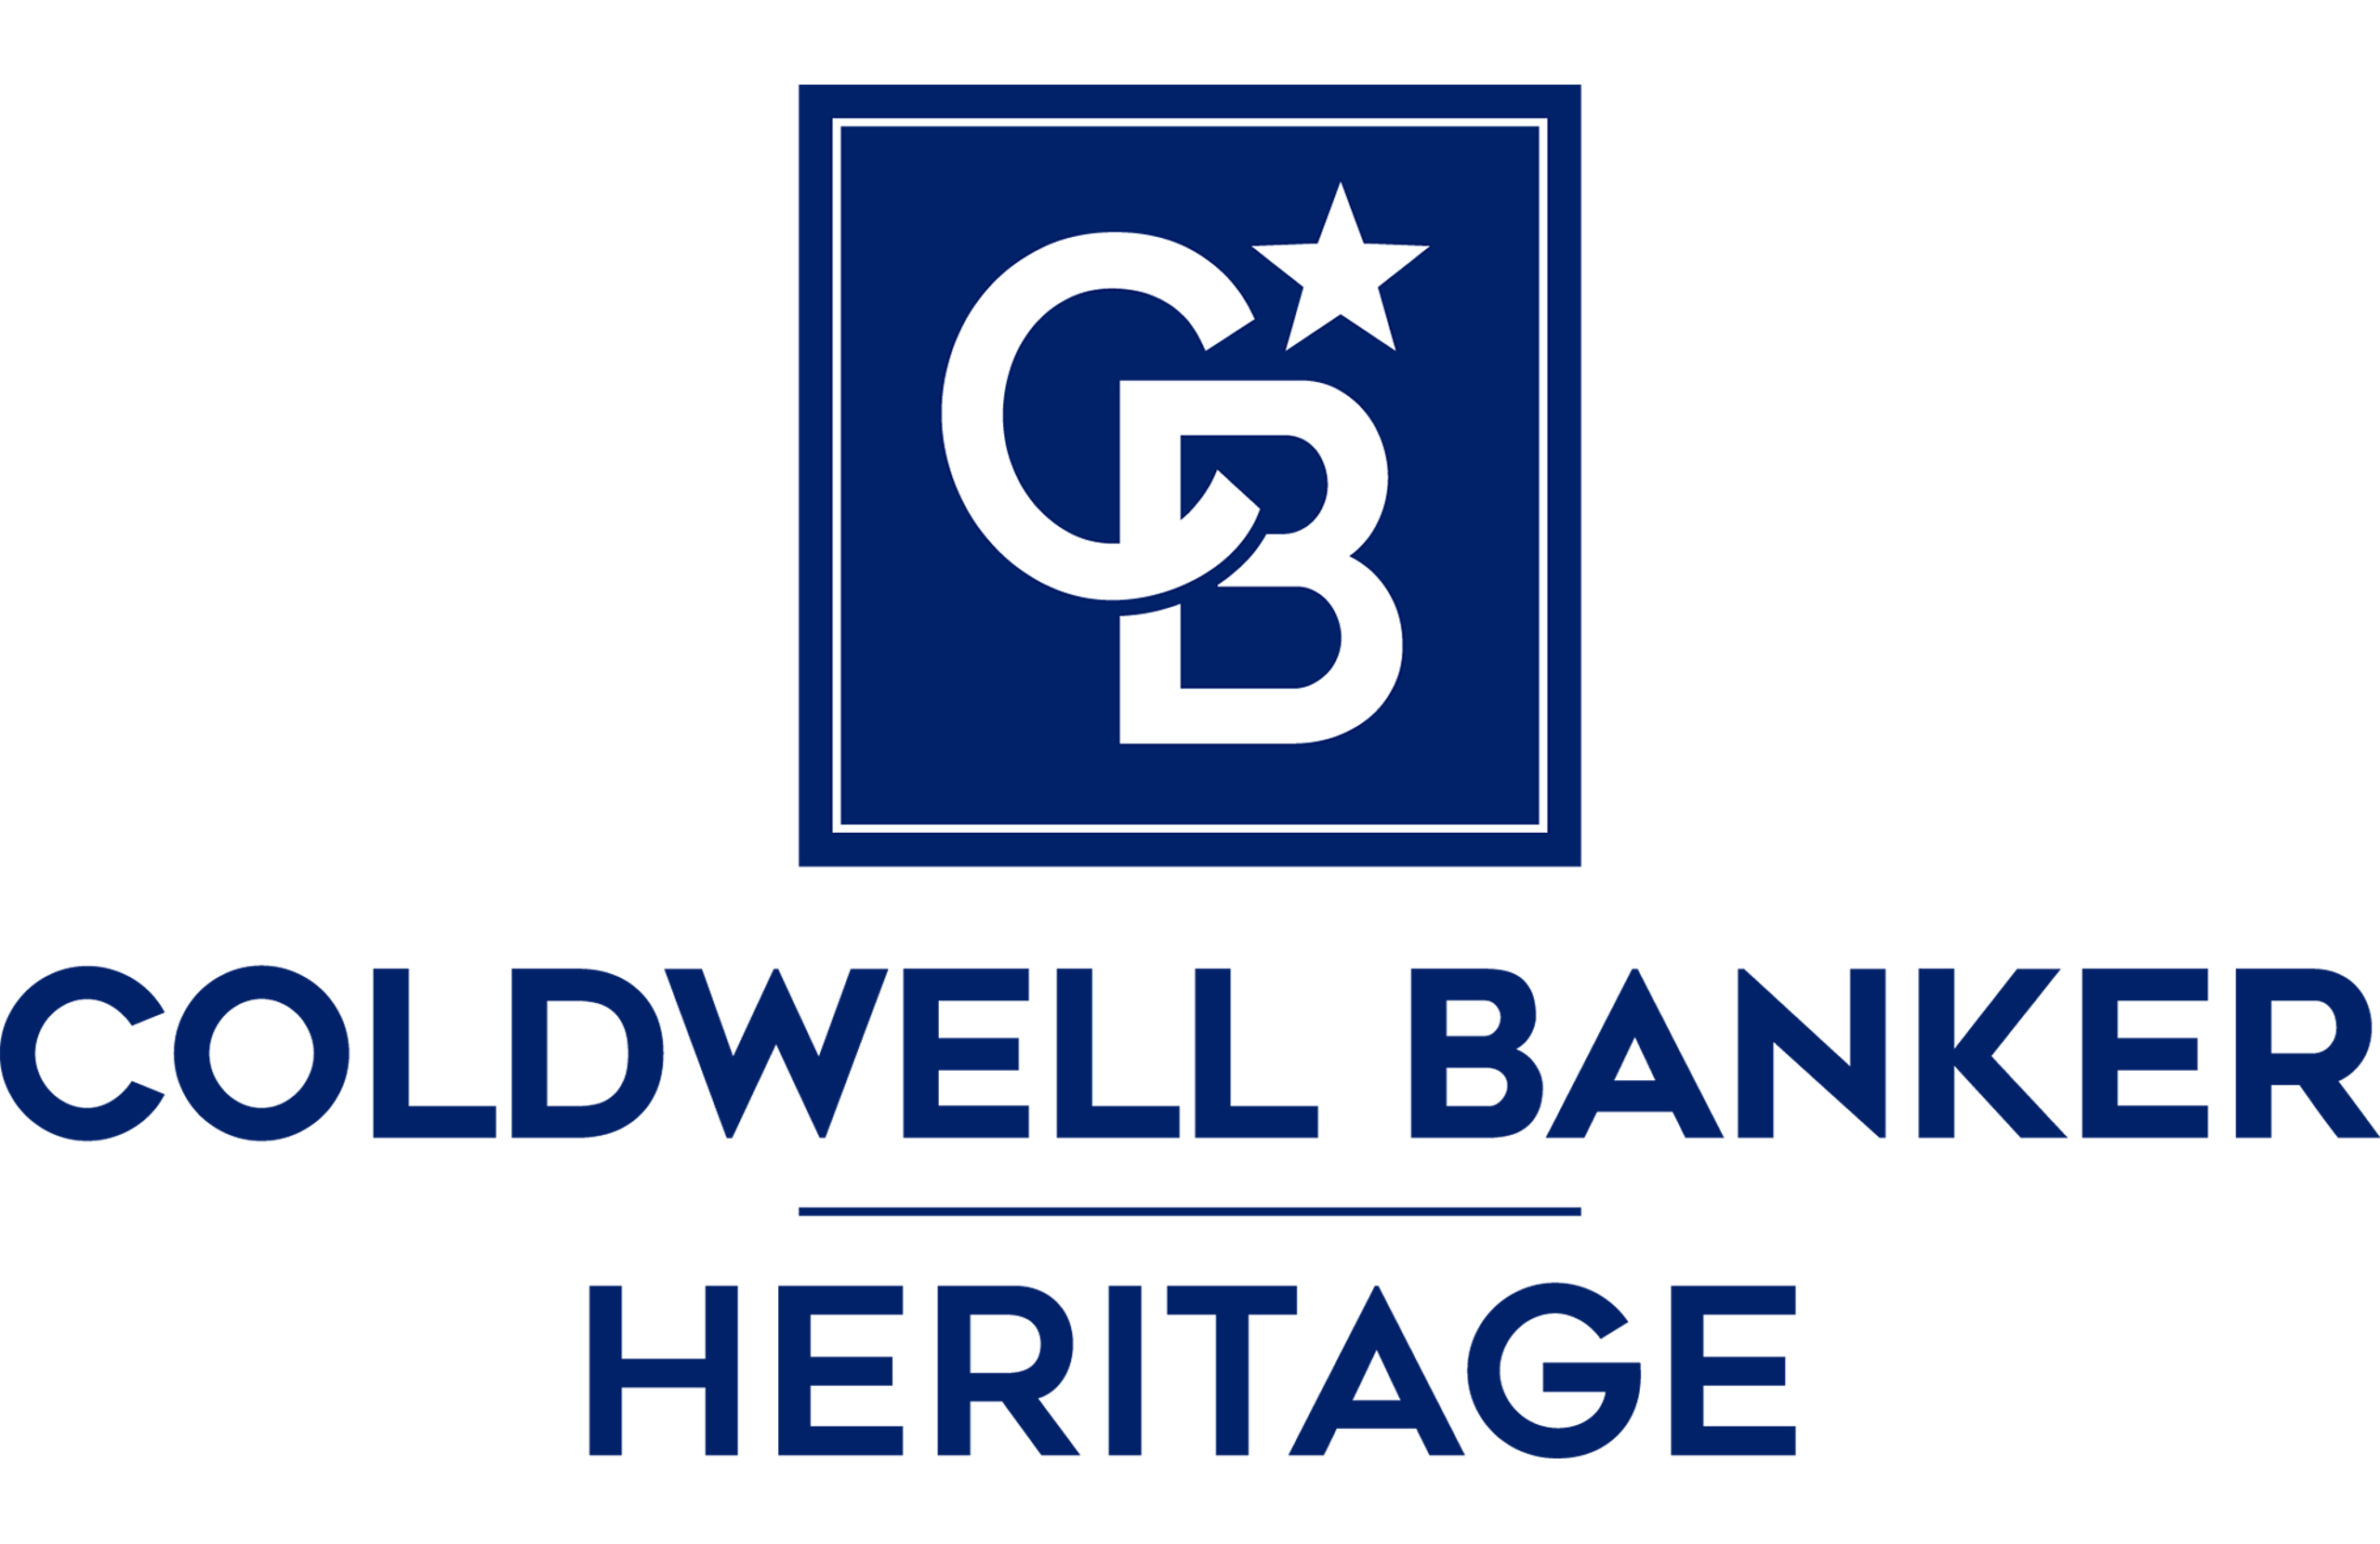 Linda Langer - Coldwell Banker Heritage Logo